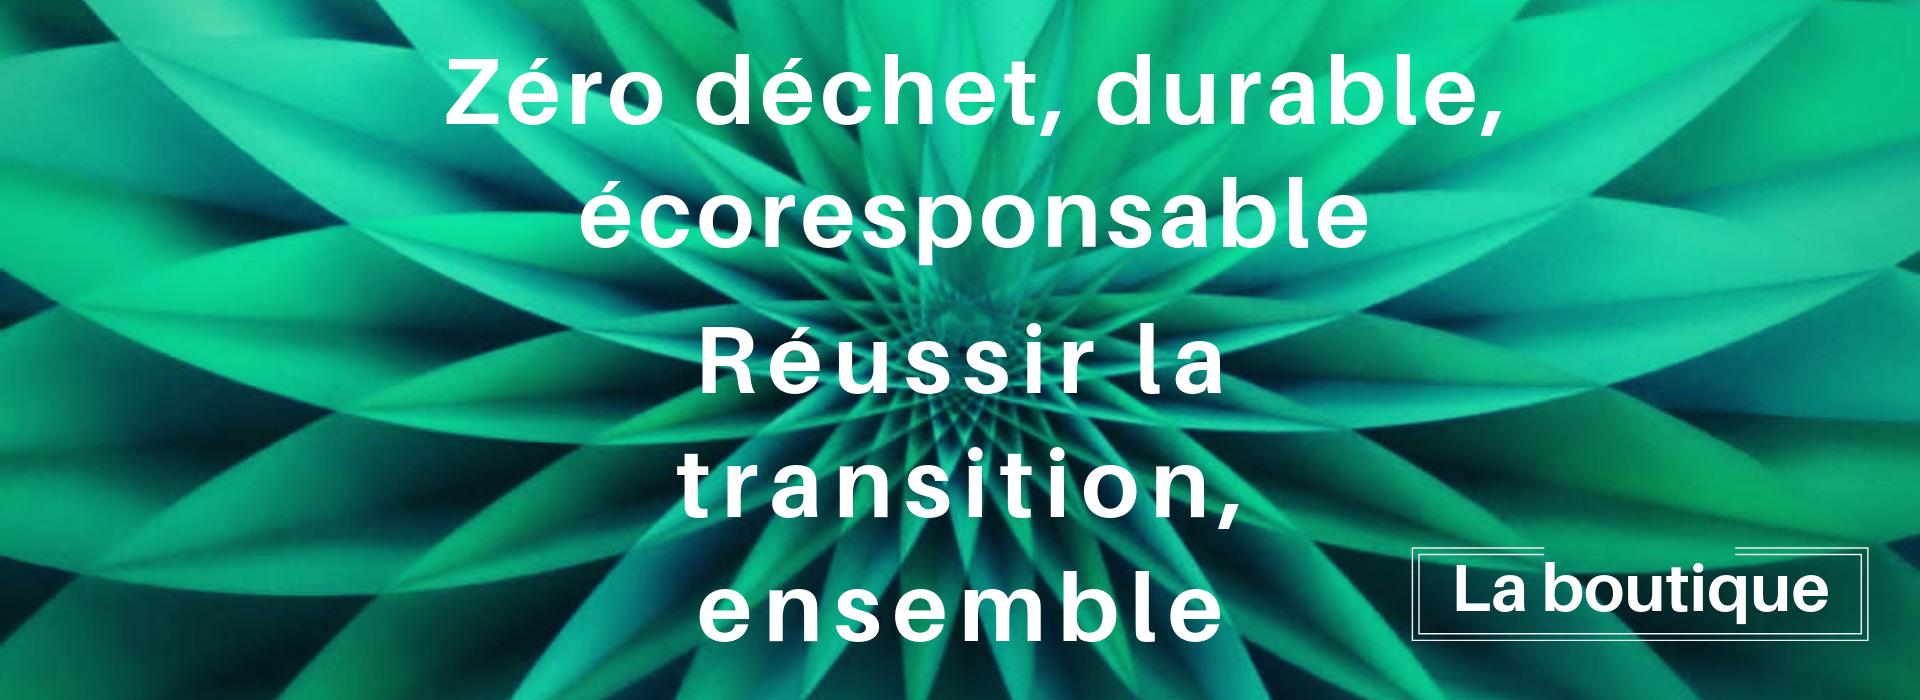 solutions zéro dechets, durables et écologique